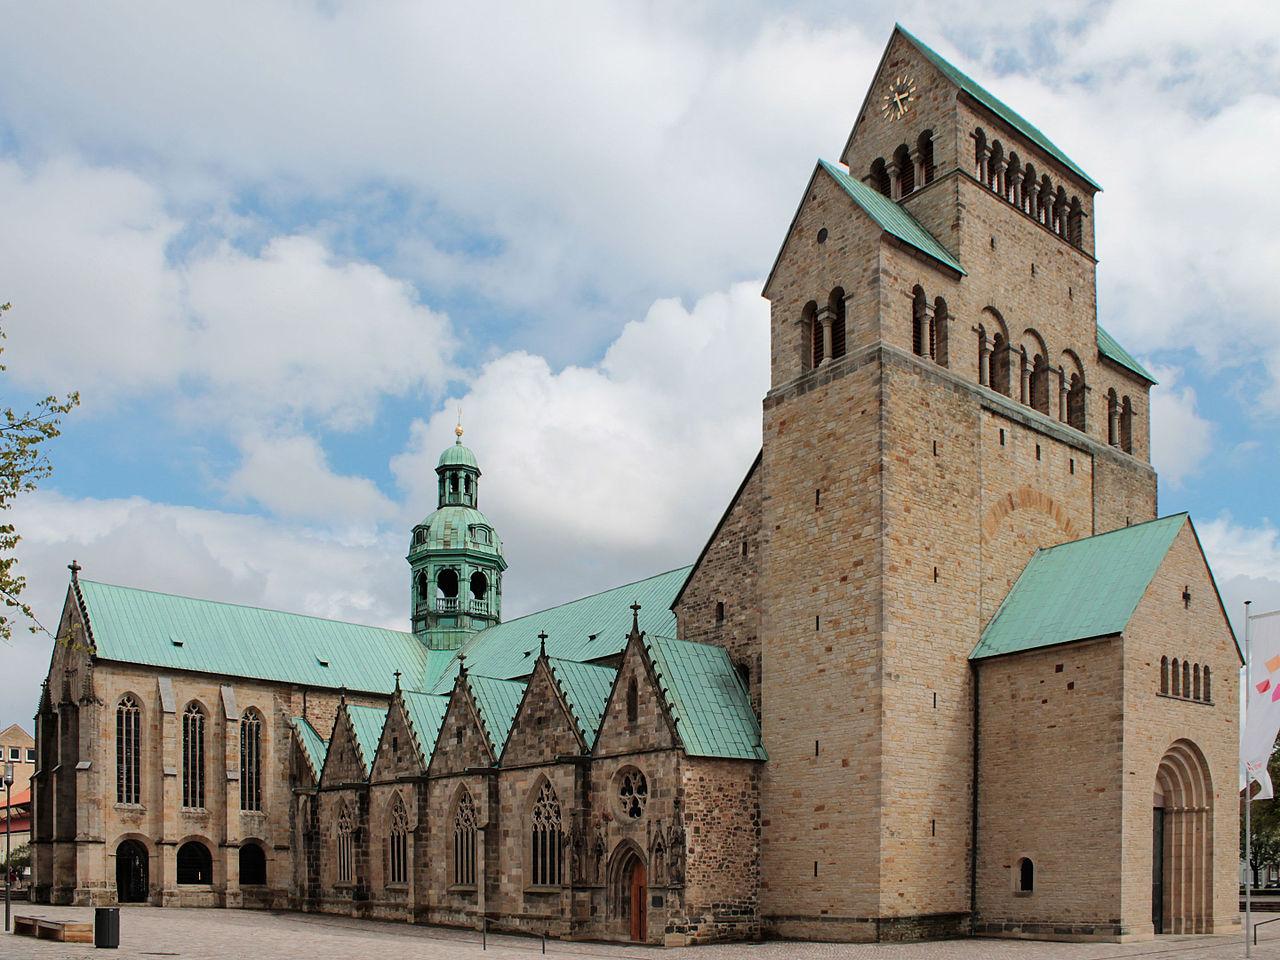 Bild Mariendom Hildesheim